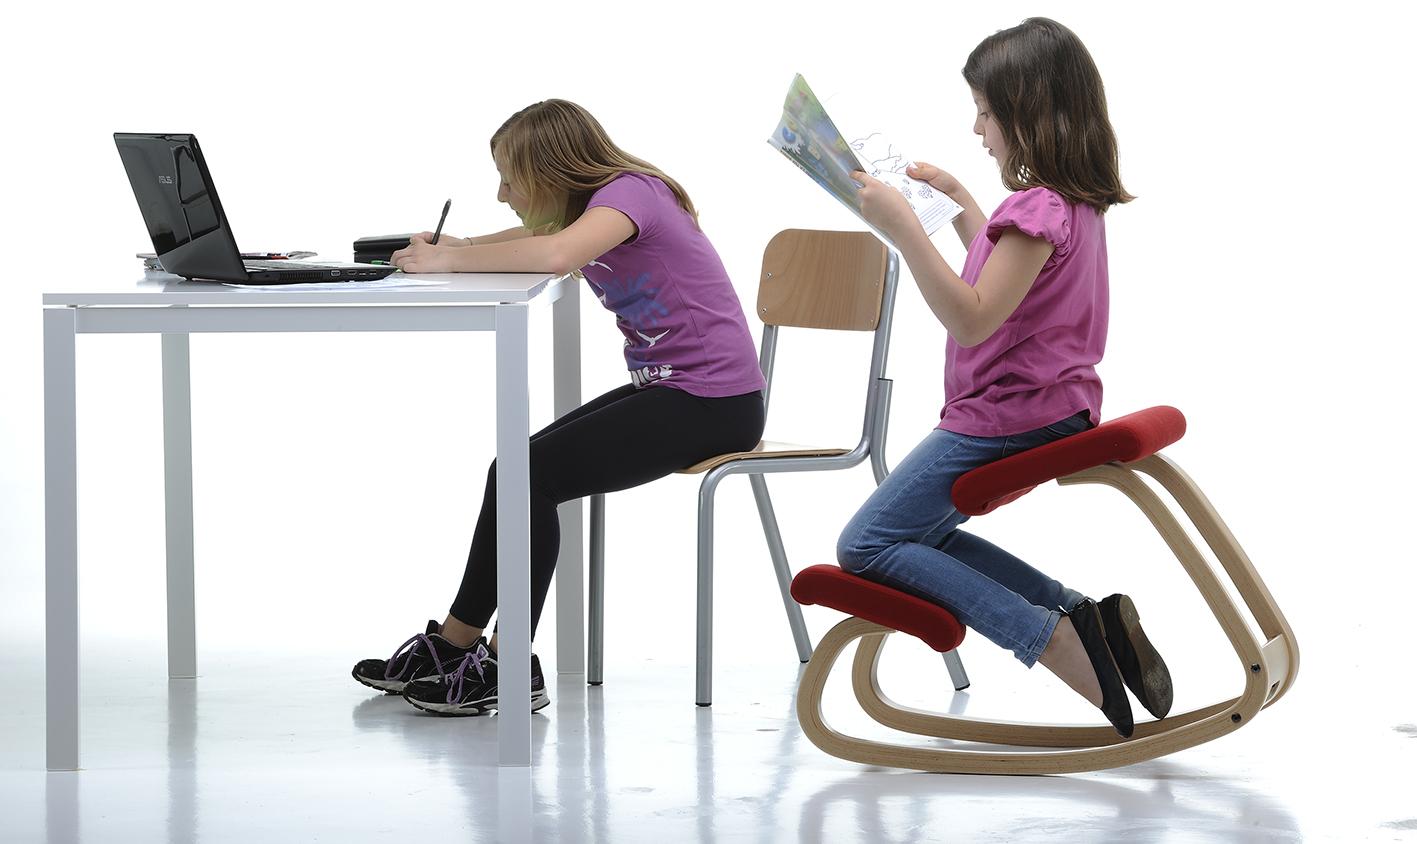 Postazione Ergonomica Per Computer sedie ergonomiche | spazioergonomia